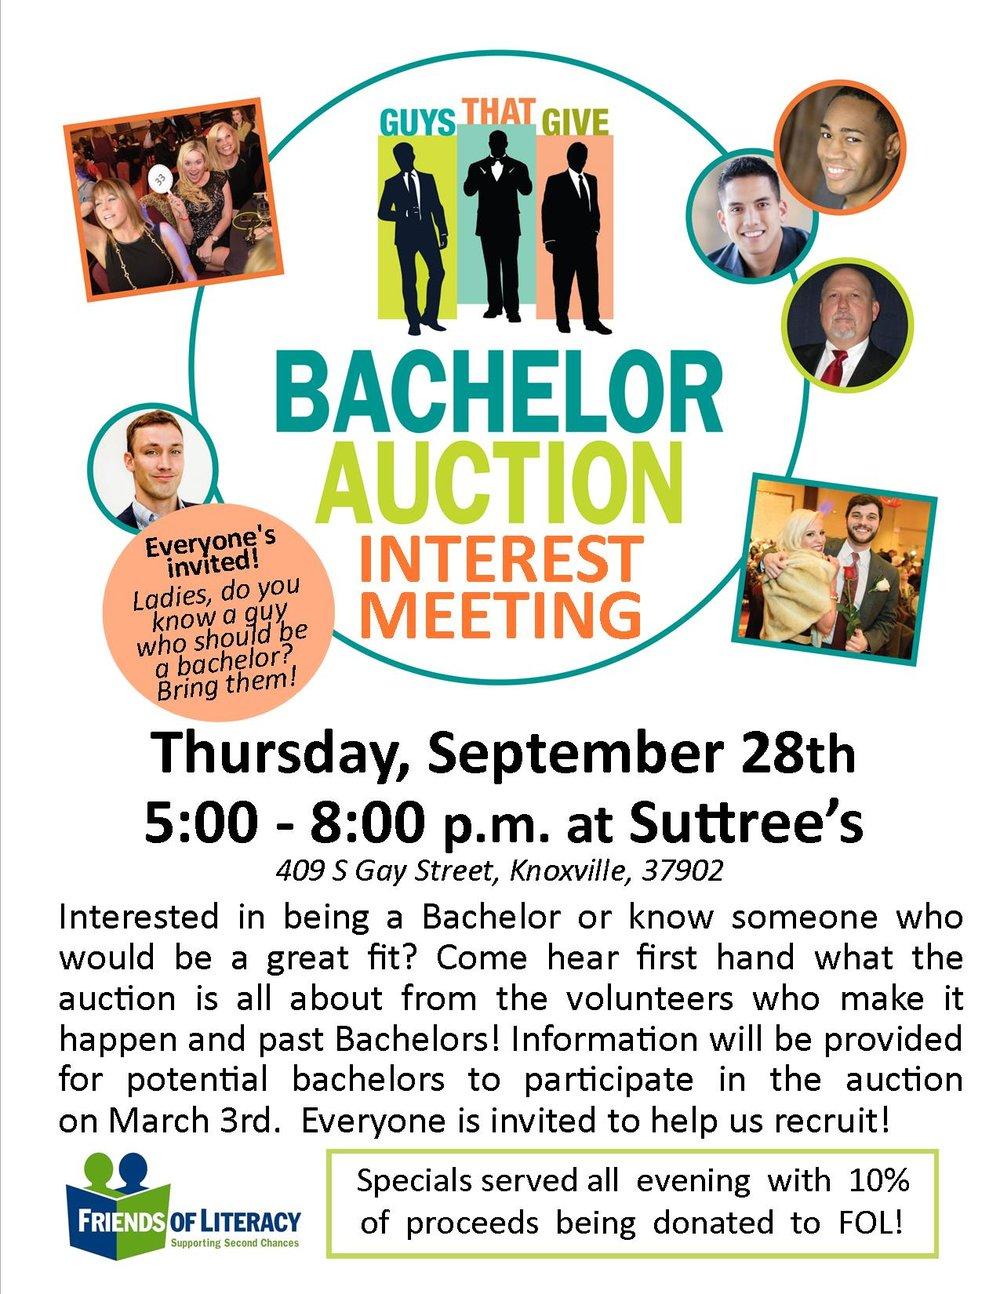 Bachelor Auction Interest Meeting Flier (2).jpg